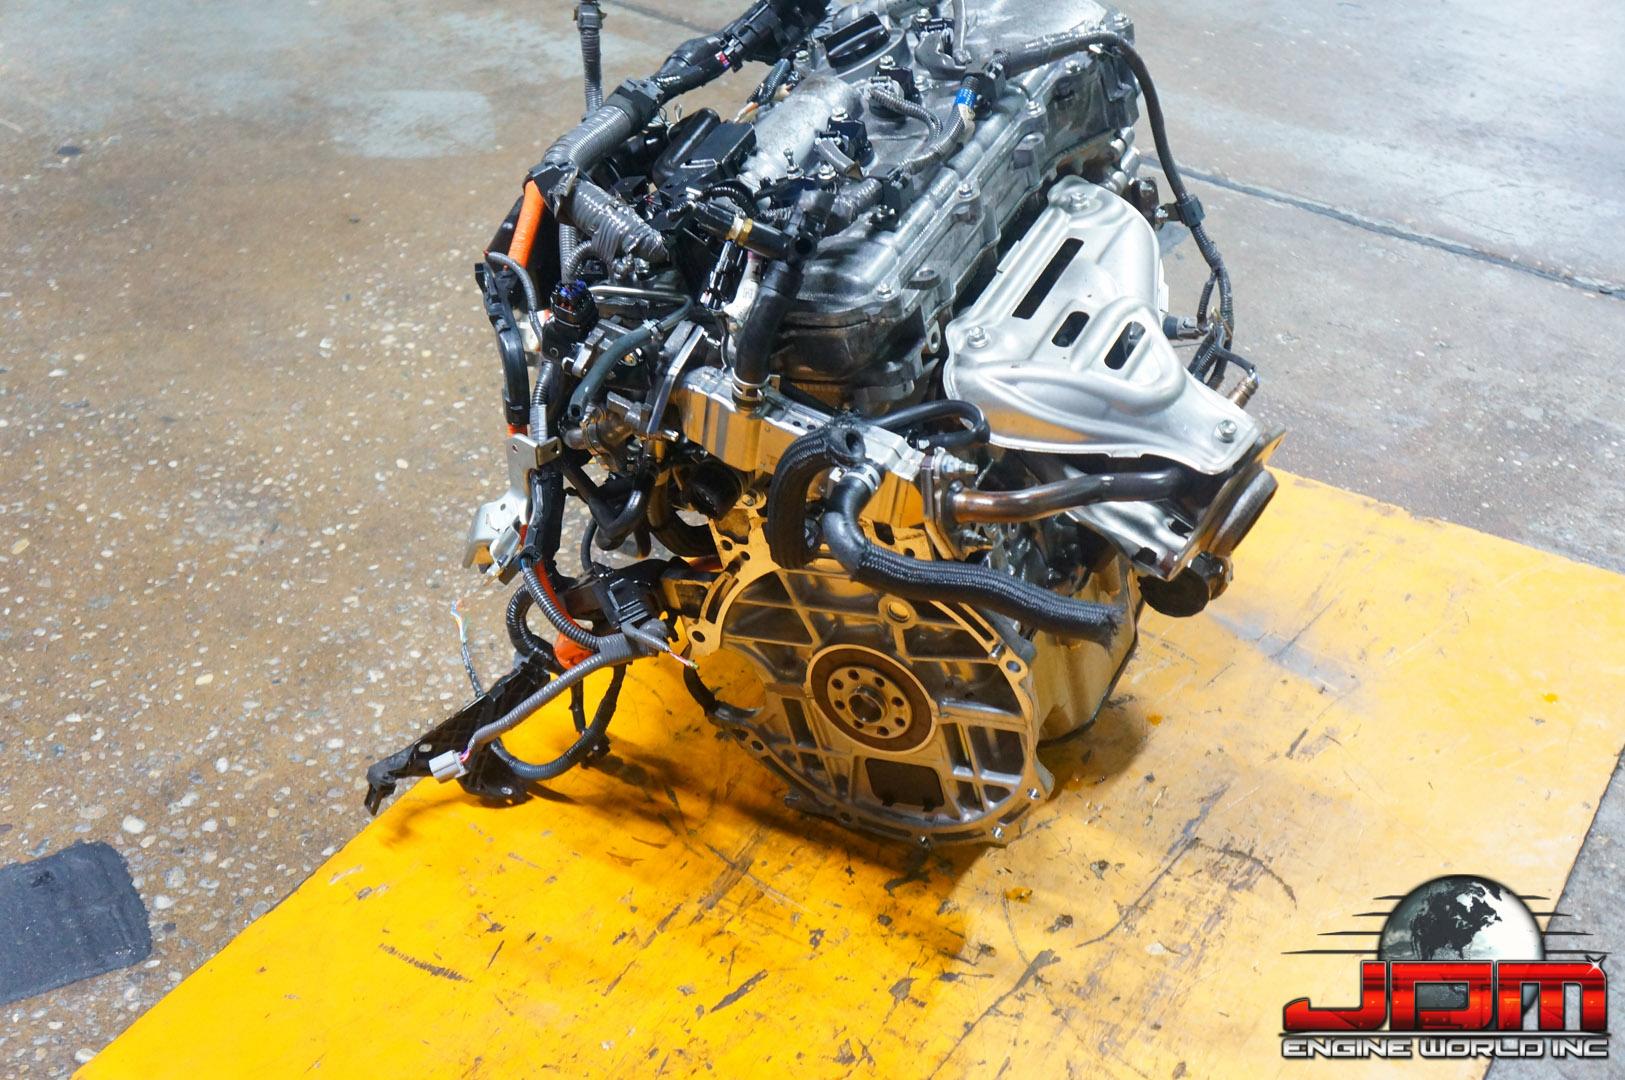 2010-2015 TOYOTA PRIUS/ 2011-2017 LEXUS CT200H 2ZR-FXE 1.8L HYBRID ENGINE ONLY